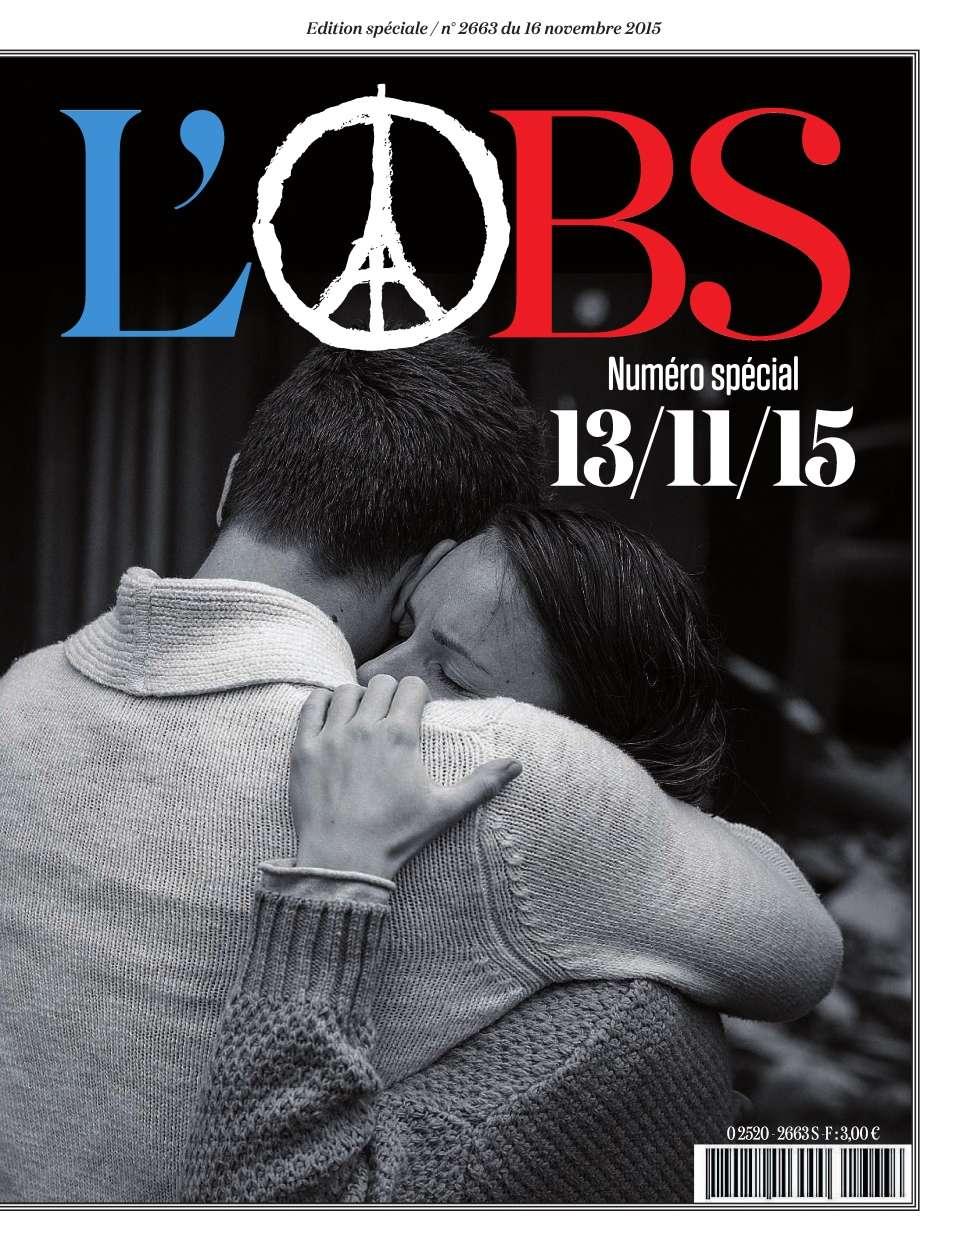 L'Obs 2663 - Édition Spéciale du 16 Novembre 2015